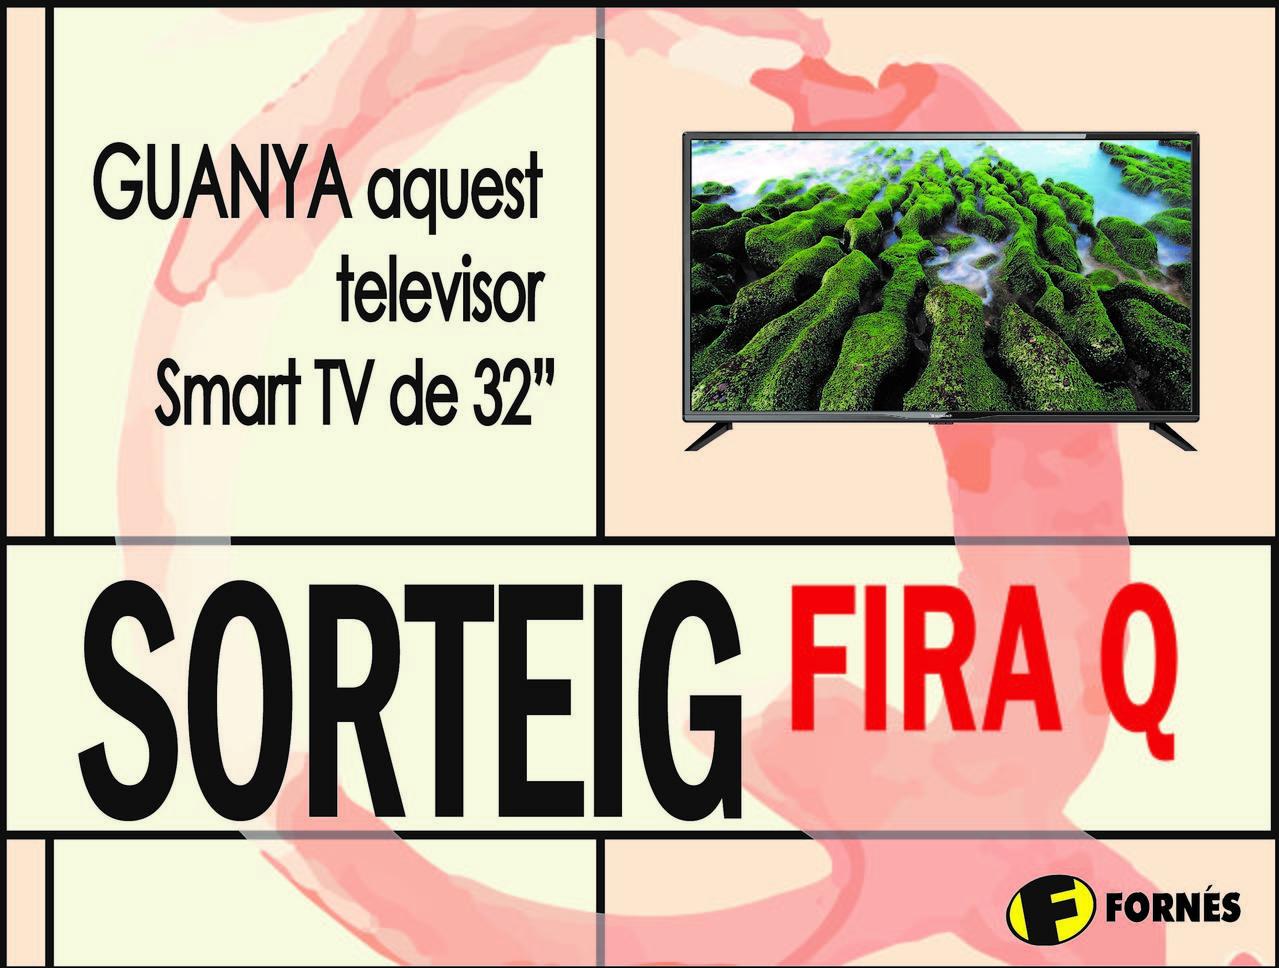 SORTEIG FIRA Q